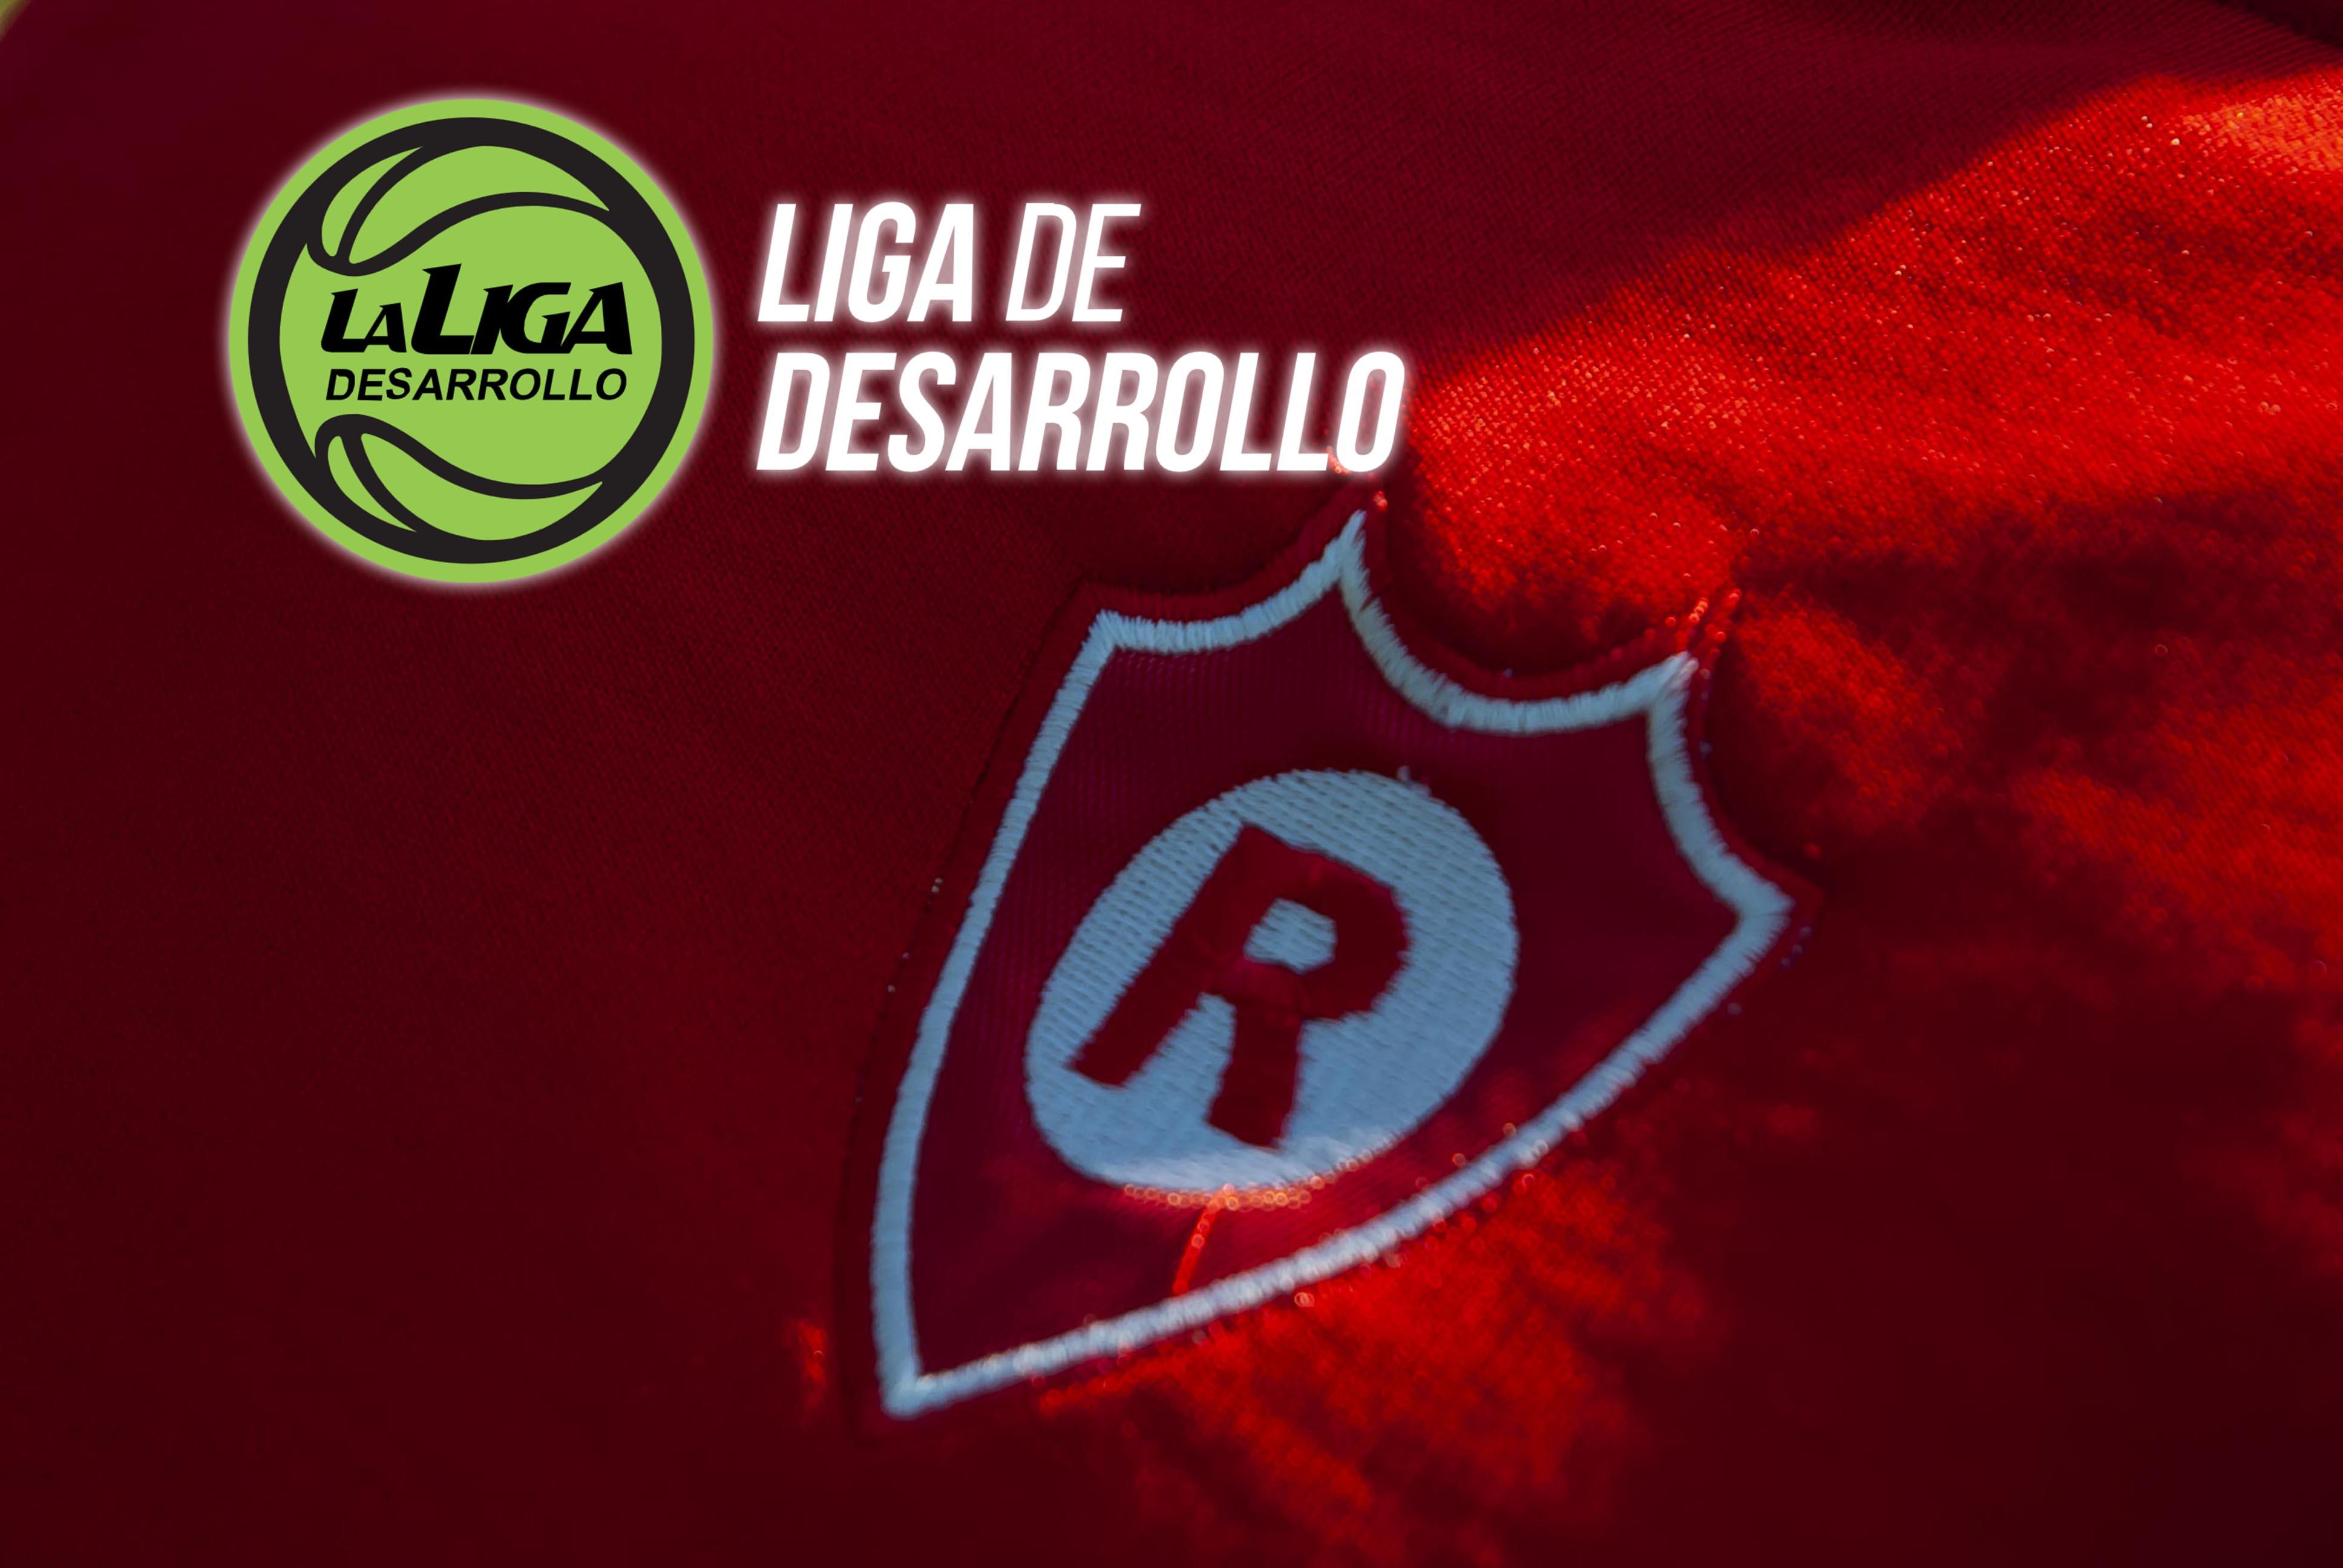 Rocamora jugara la Liga de Desarrollo